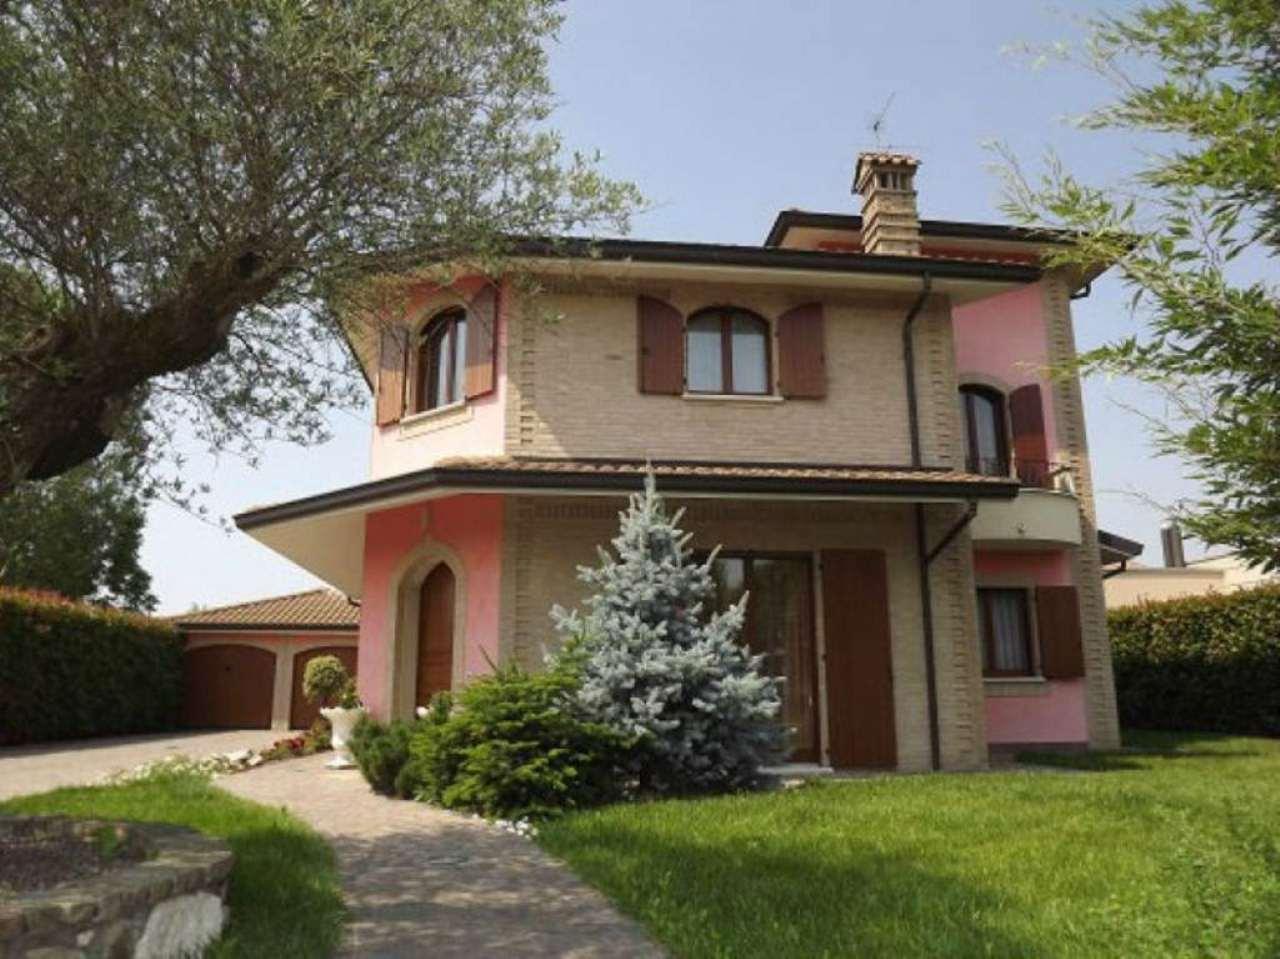 Villa in vendita a Misano di Gera d'Adda, 5 locali, prezzo € 490.000 | CambioCasa.it